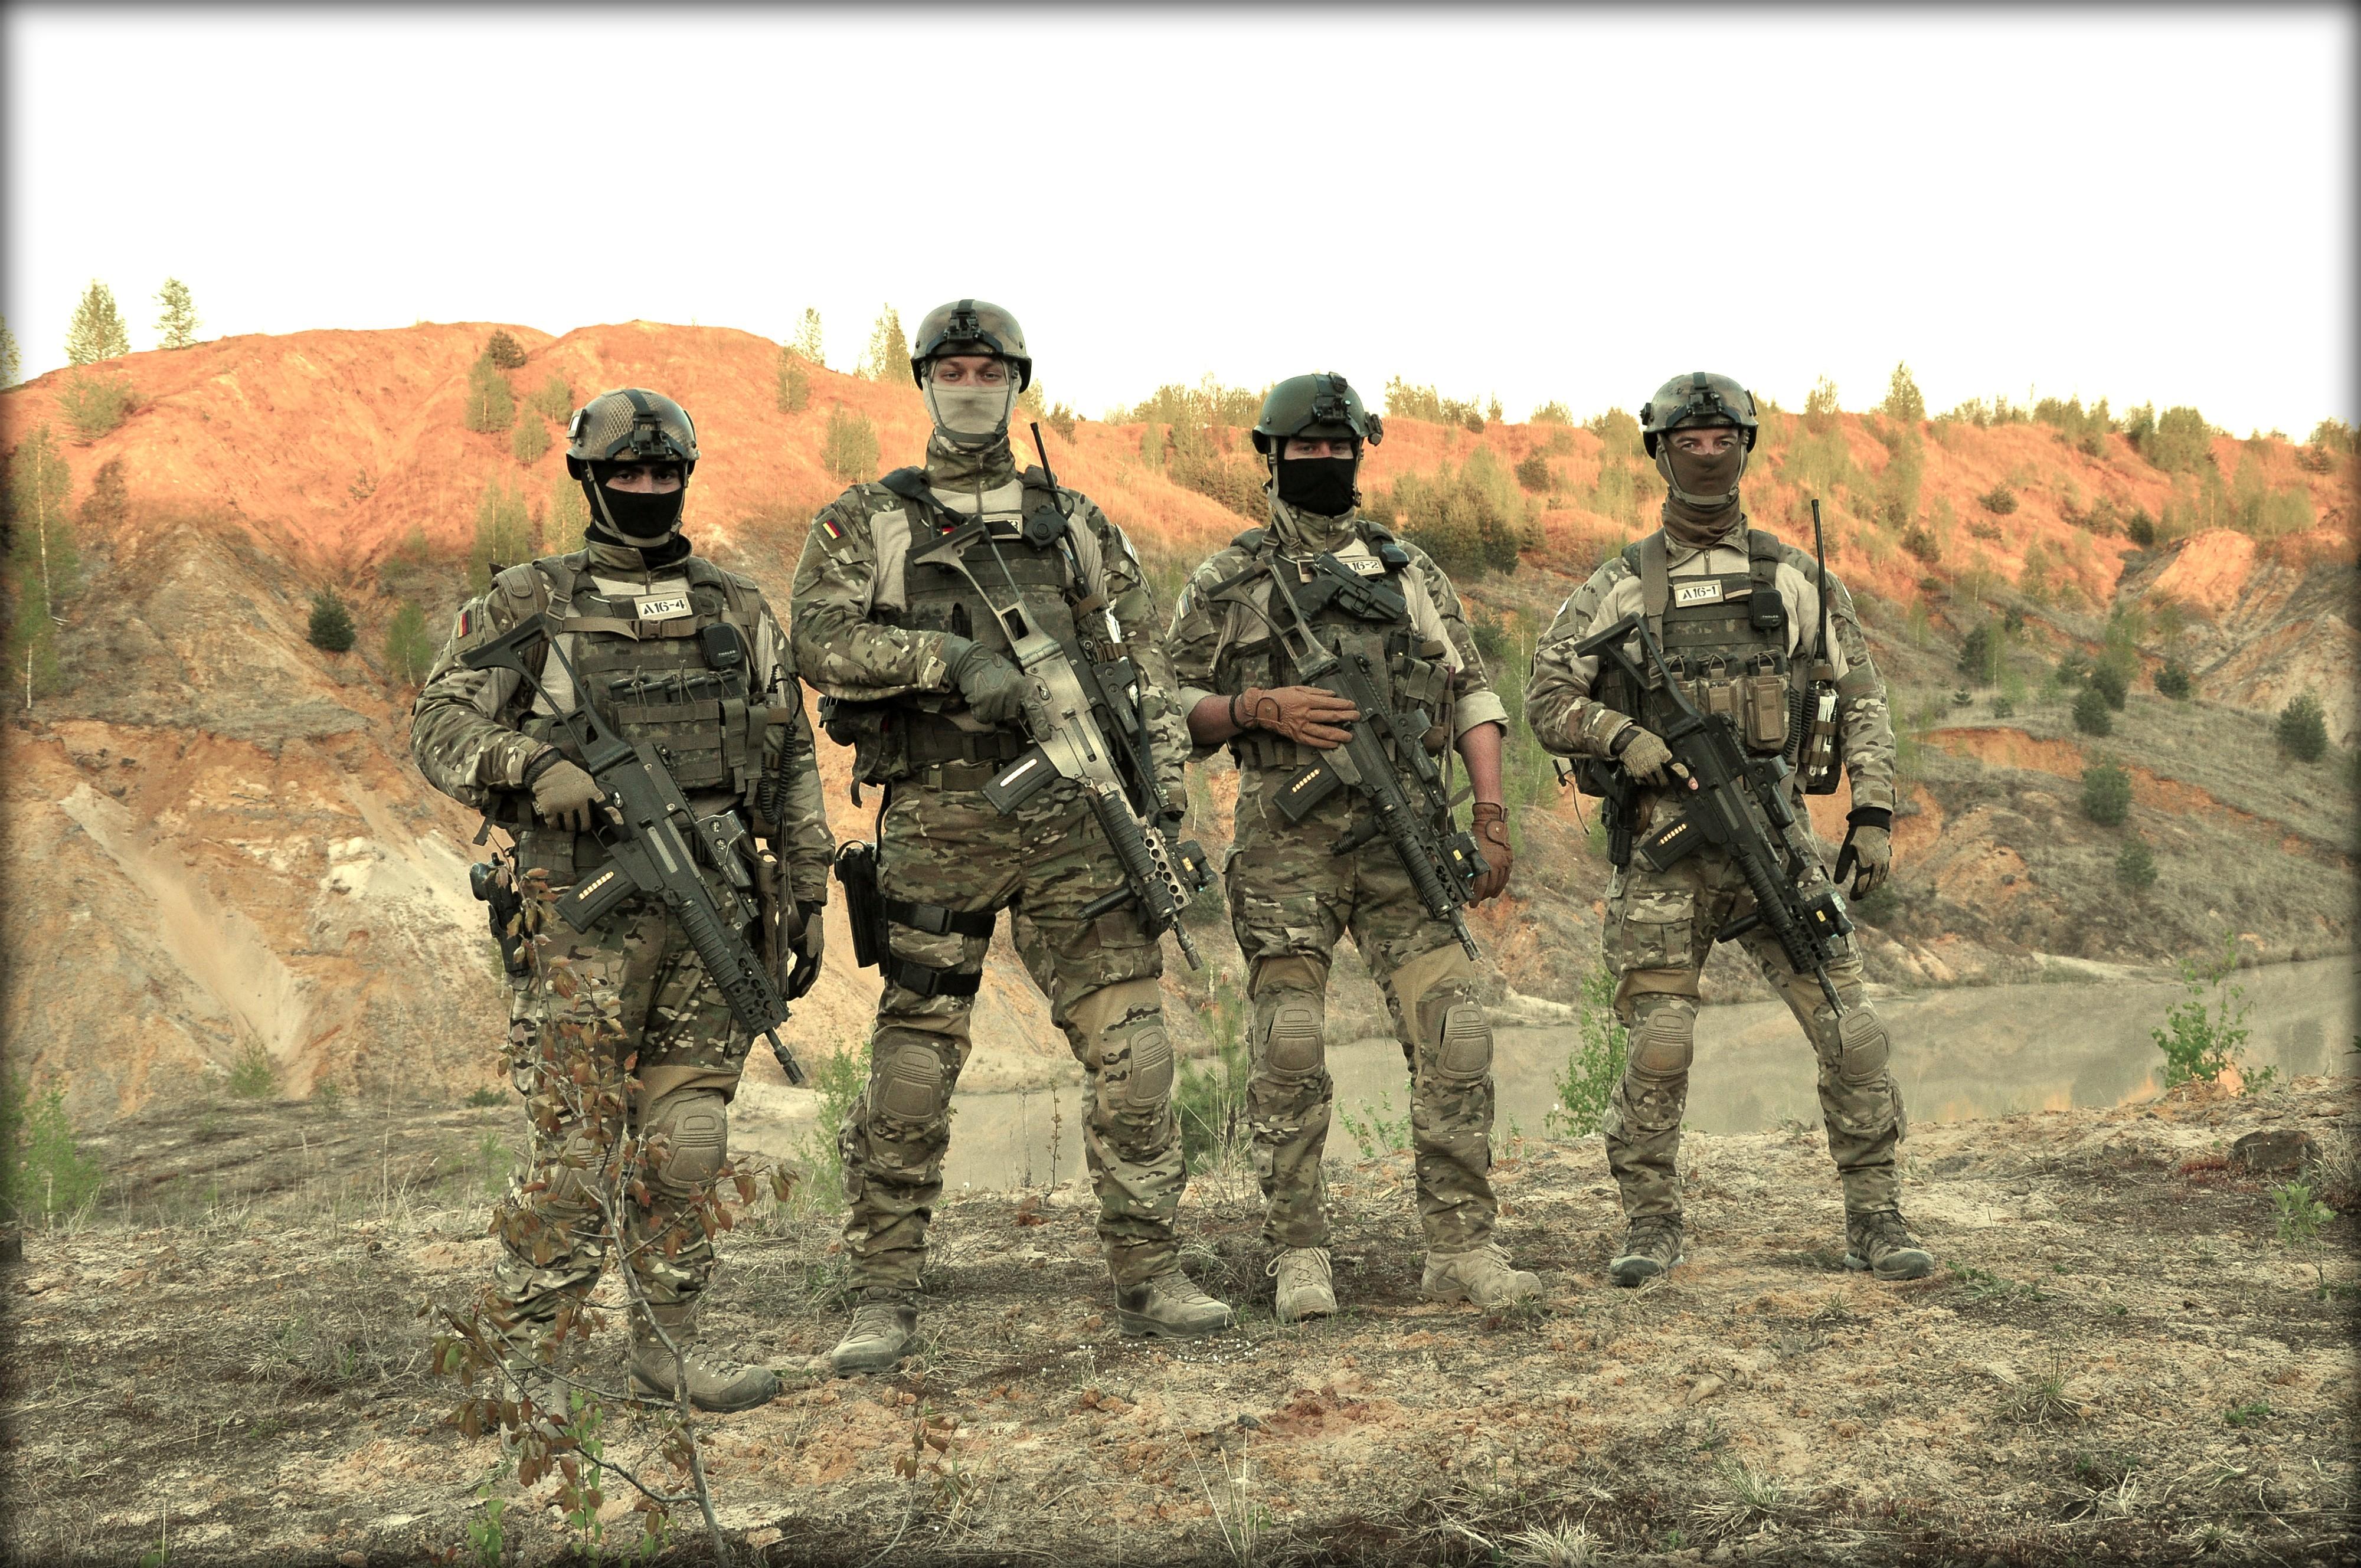 kommando spezialkrafte soldier - photo #11